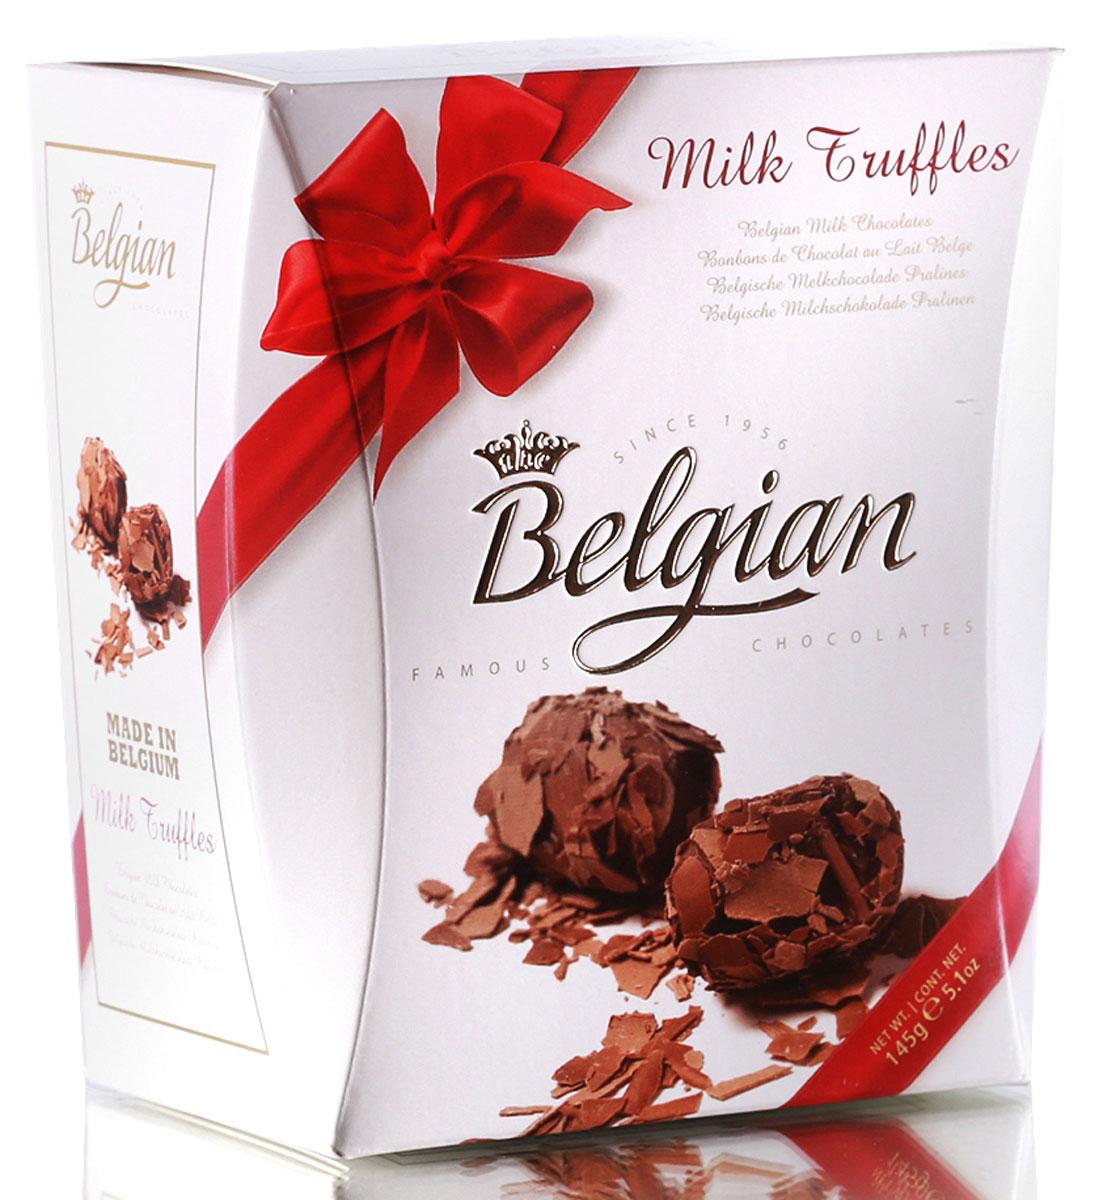 The Belgian Трюфели из молочного шоколада в хлопьях, 145 г 7.37.04